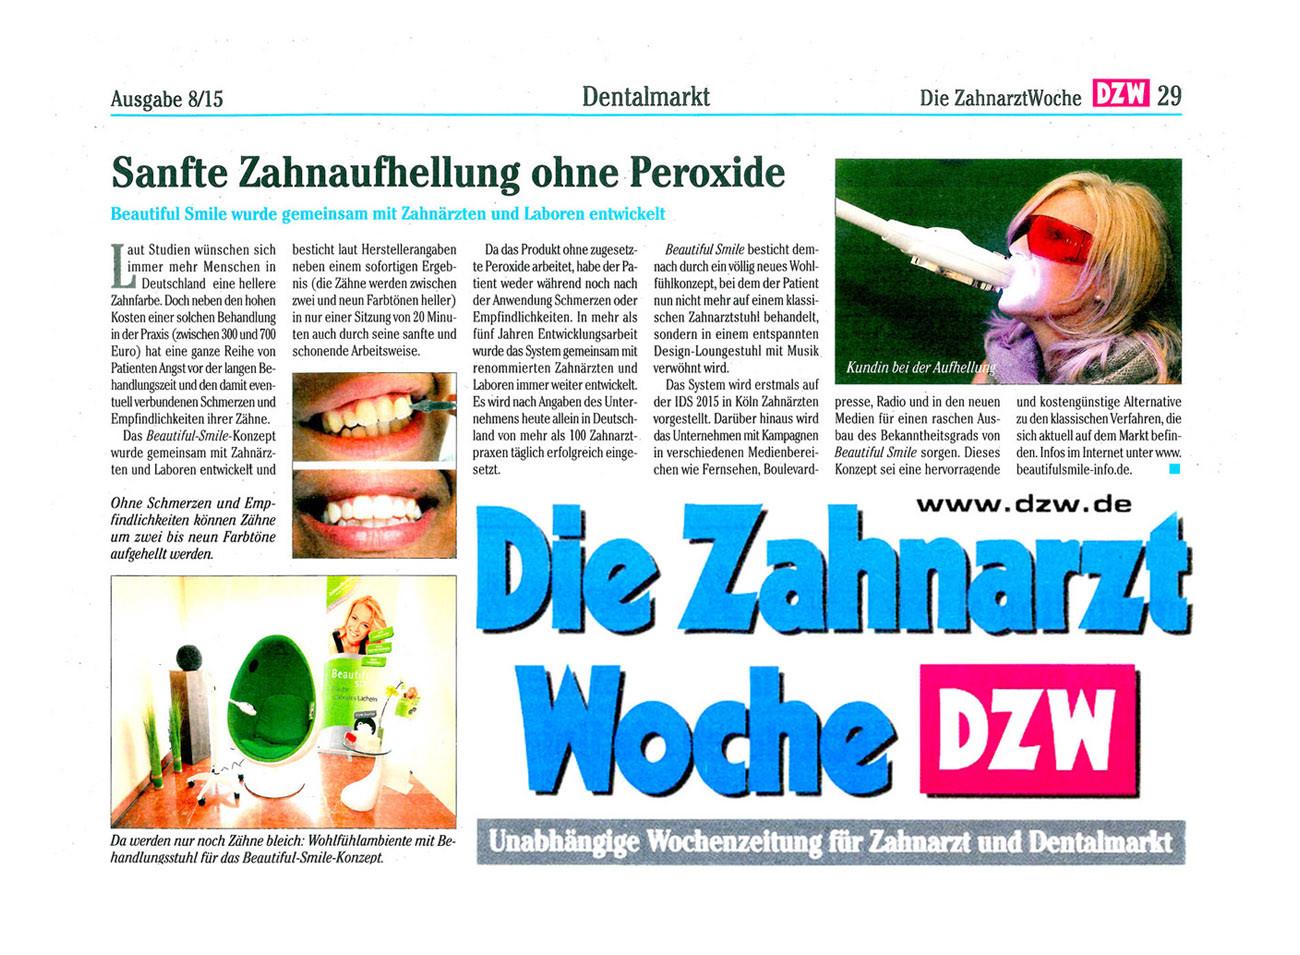 Die Zahnarzt Woche DZW Ausgabe 08 2015